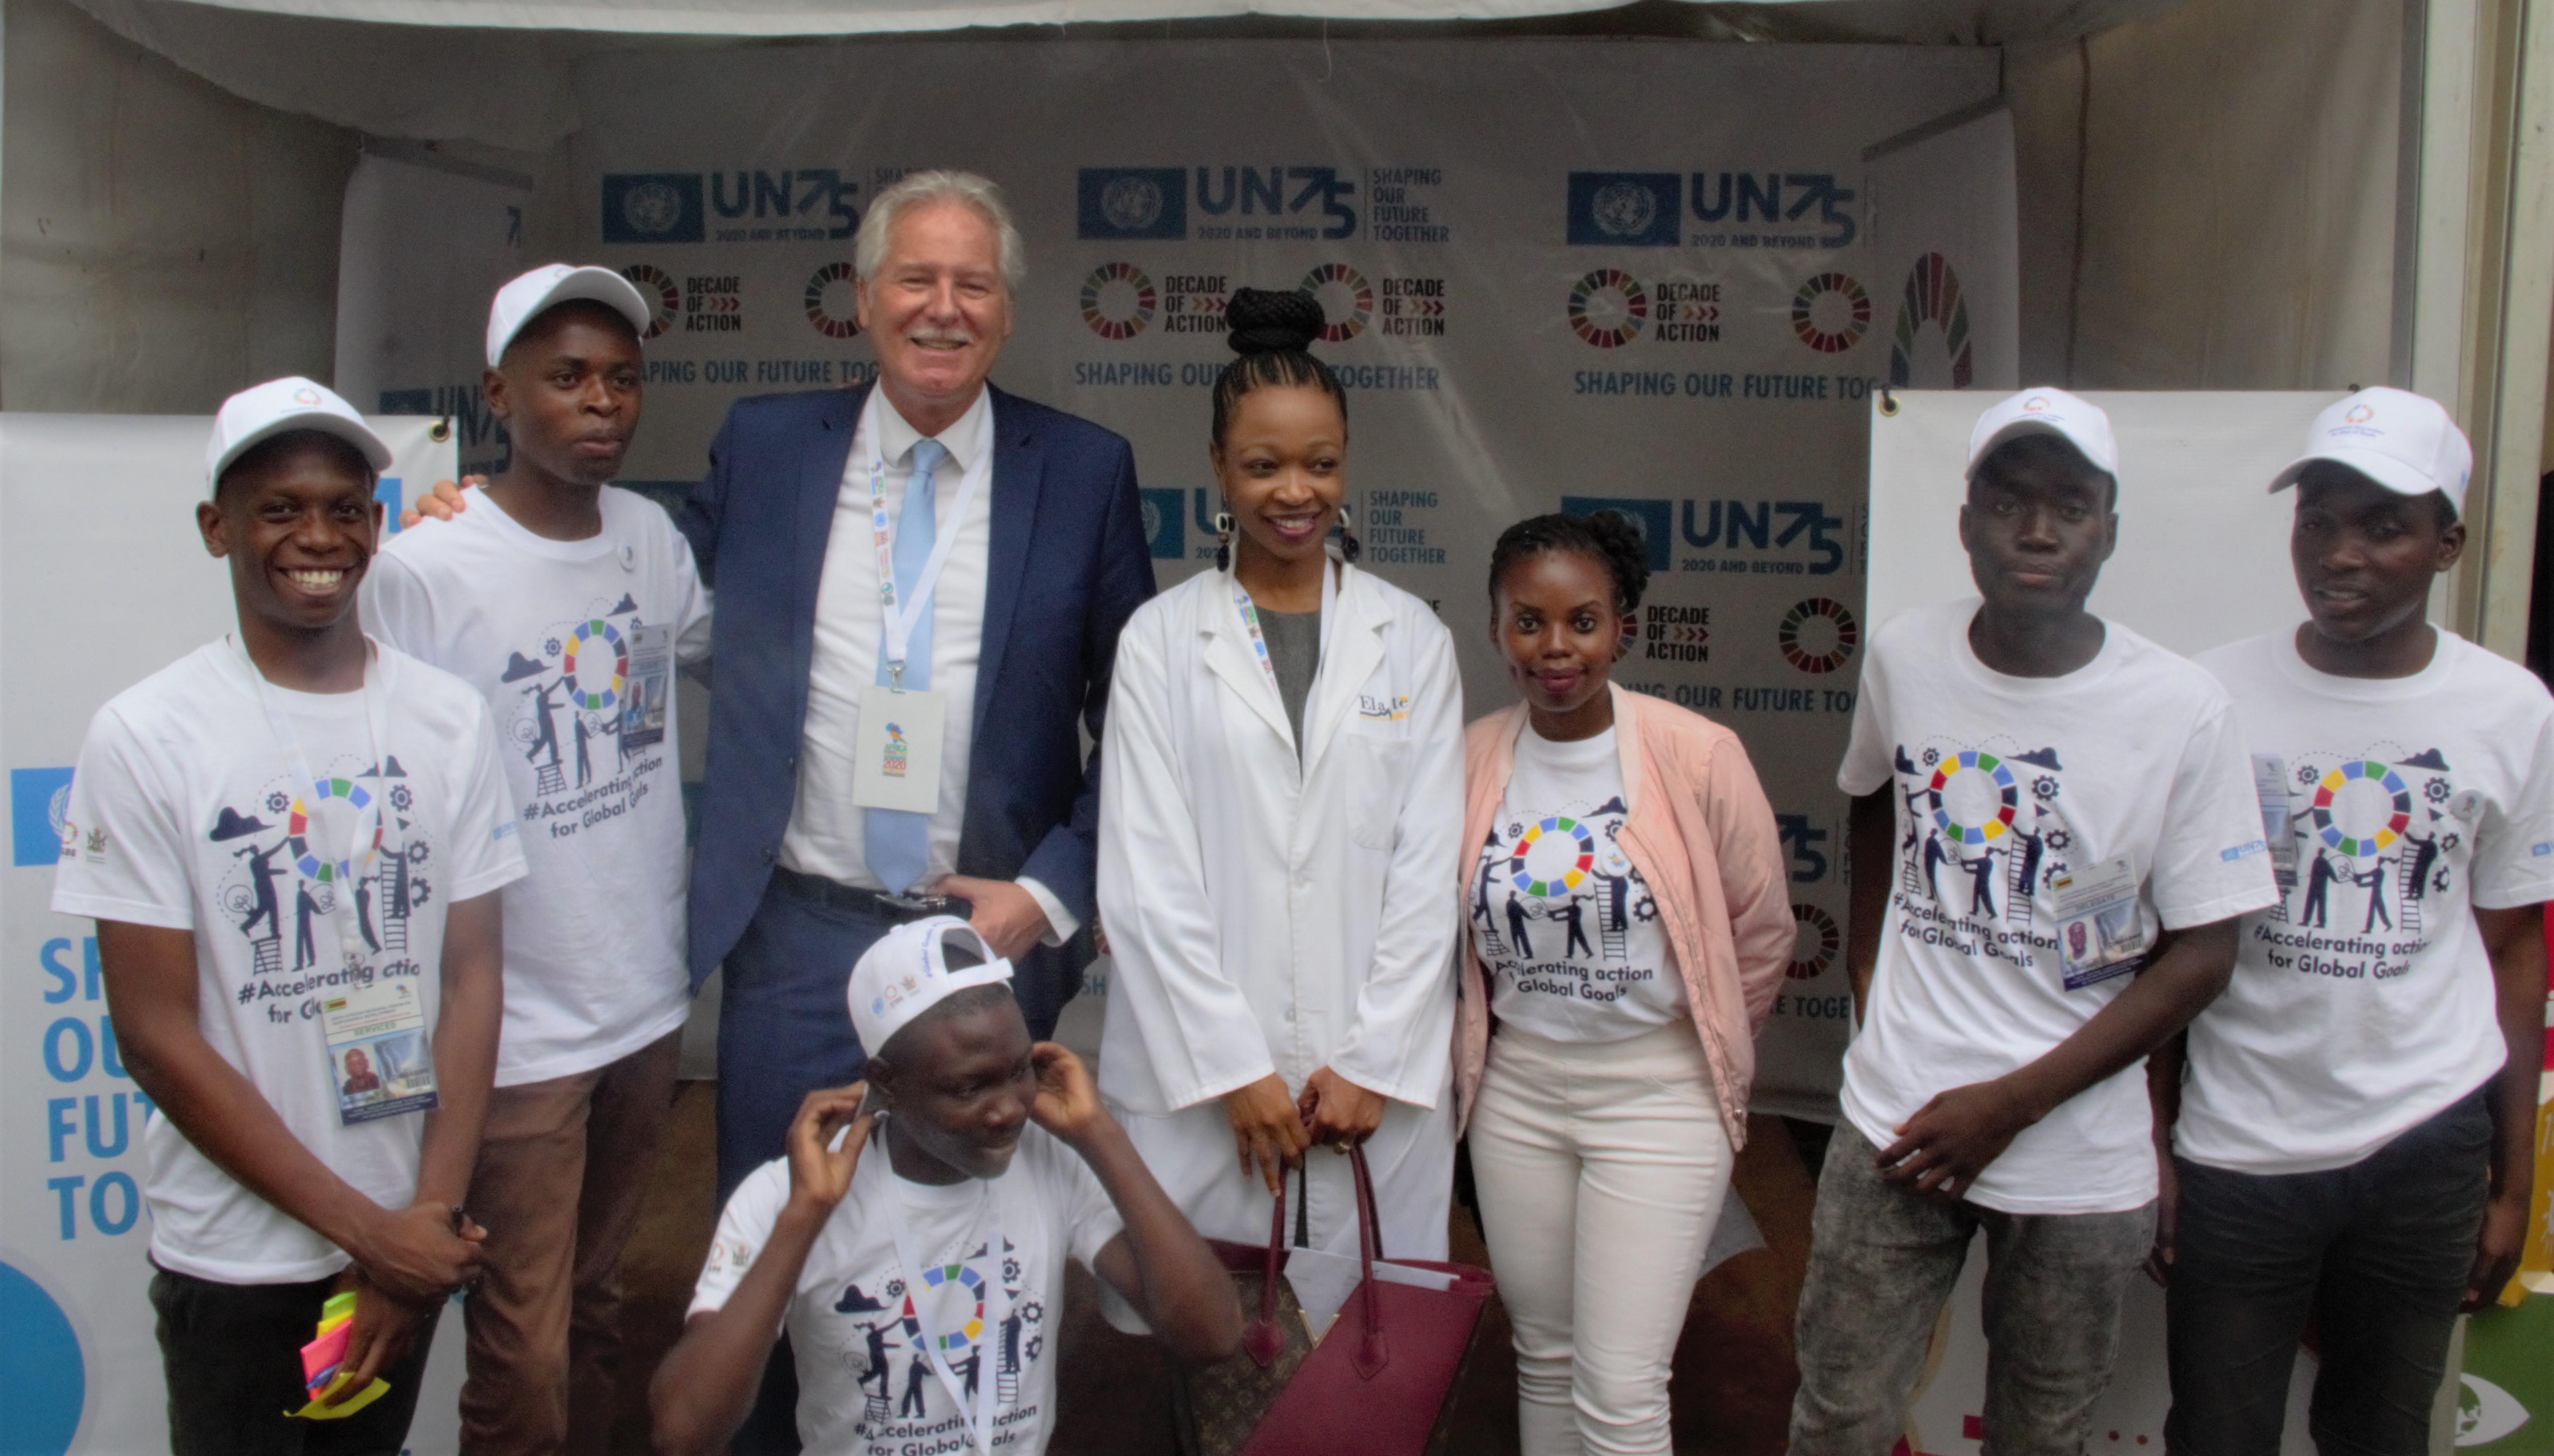 Zimbabwe youth led the way on SDGs advocacy